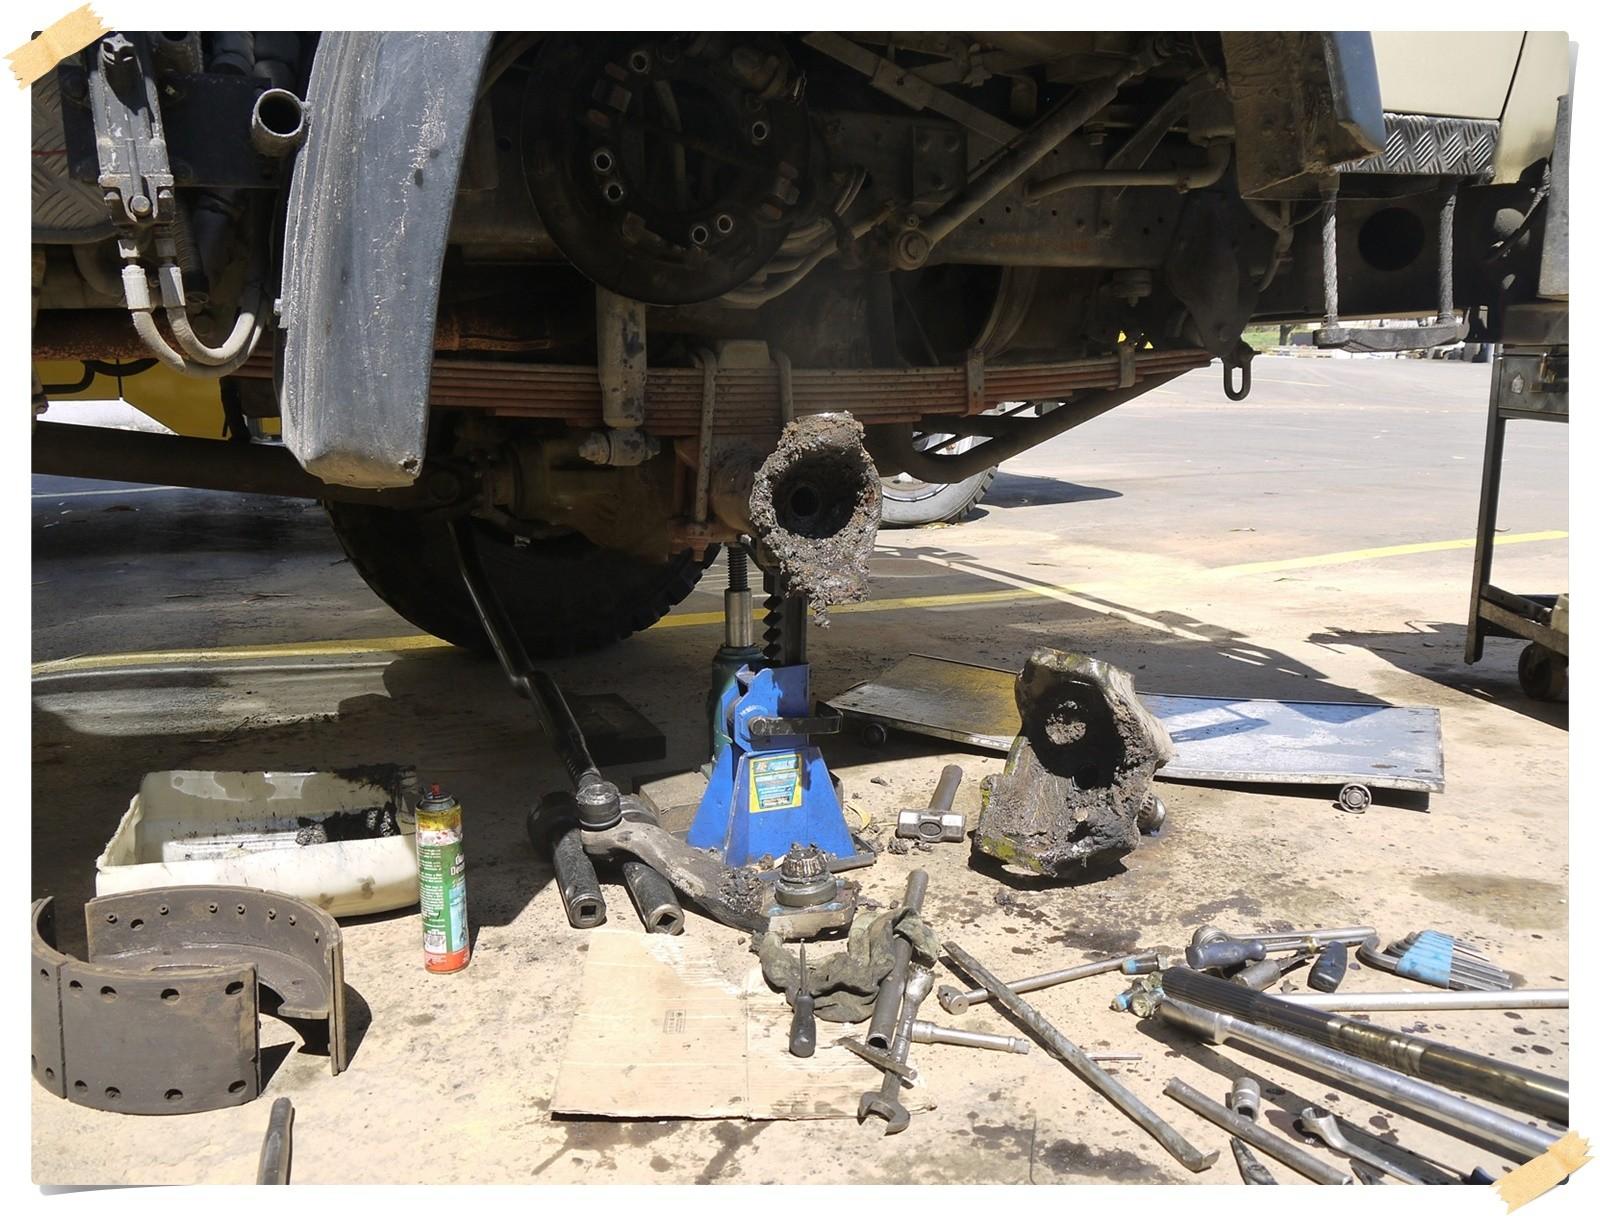 Probleme mit den Bremsen, eine schier unlösbare Aufgabe